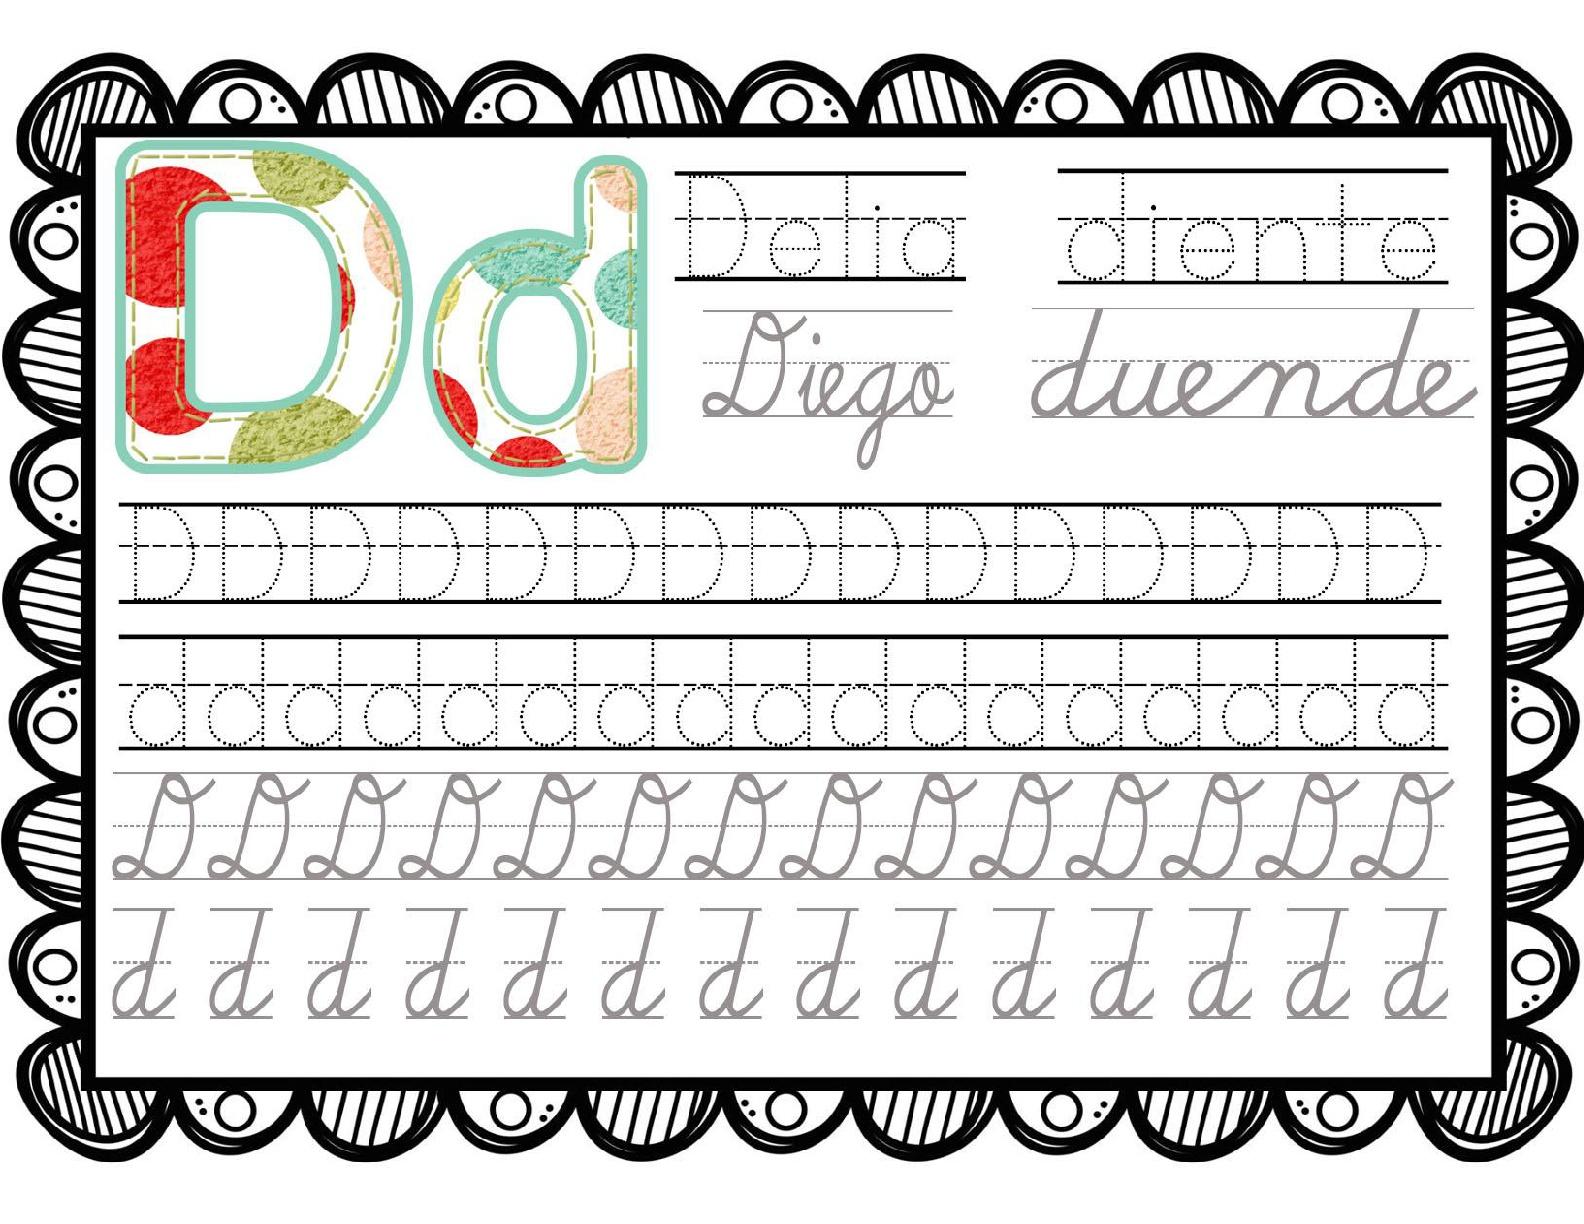 librito-practico-para-el-comienzo-de-la-escritura-en-infantil-o-preescolar-8